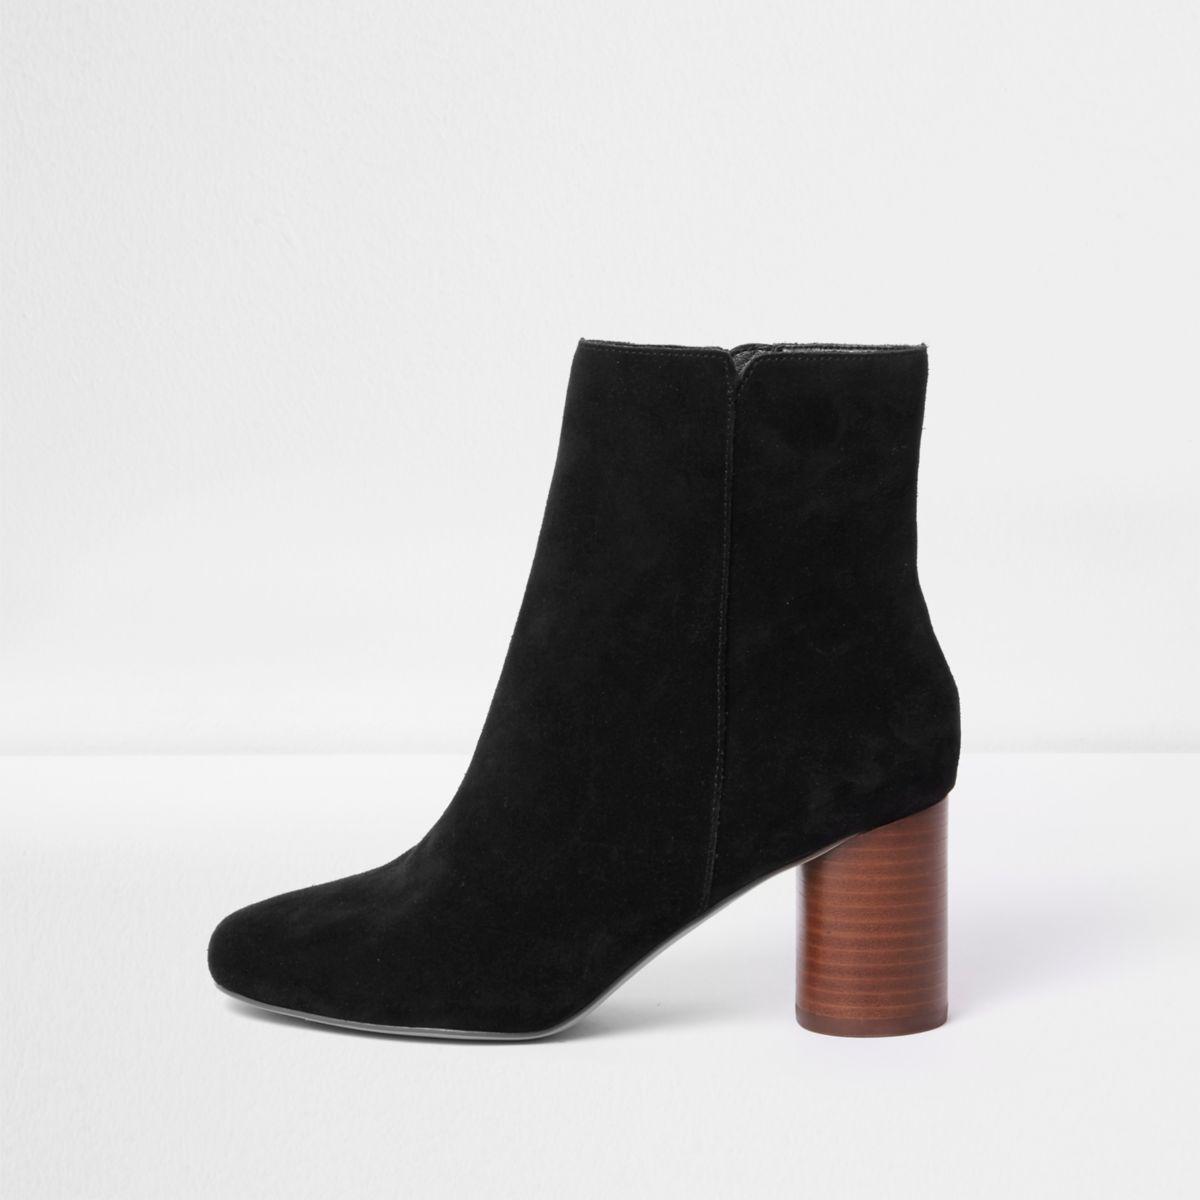 Black suede block heel boots